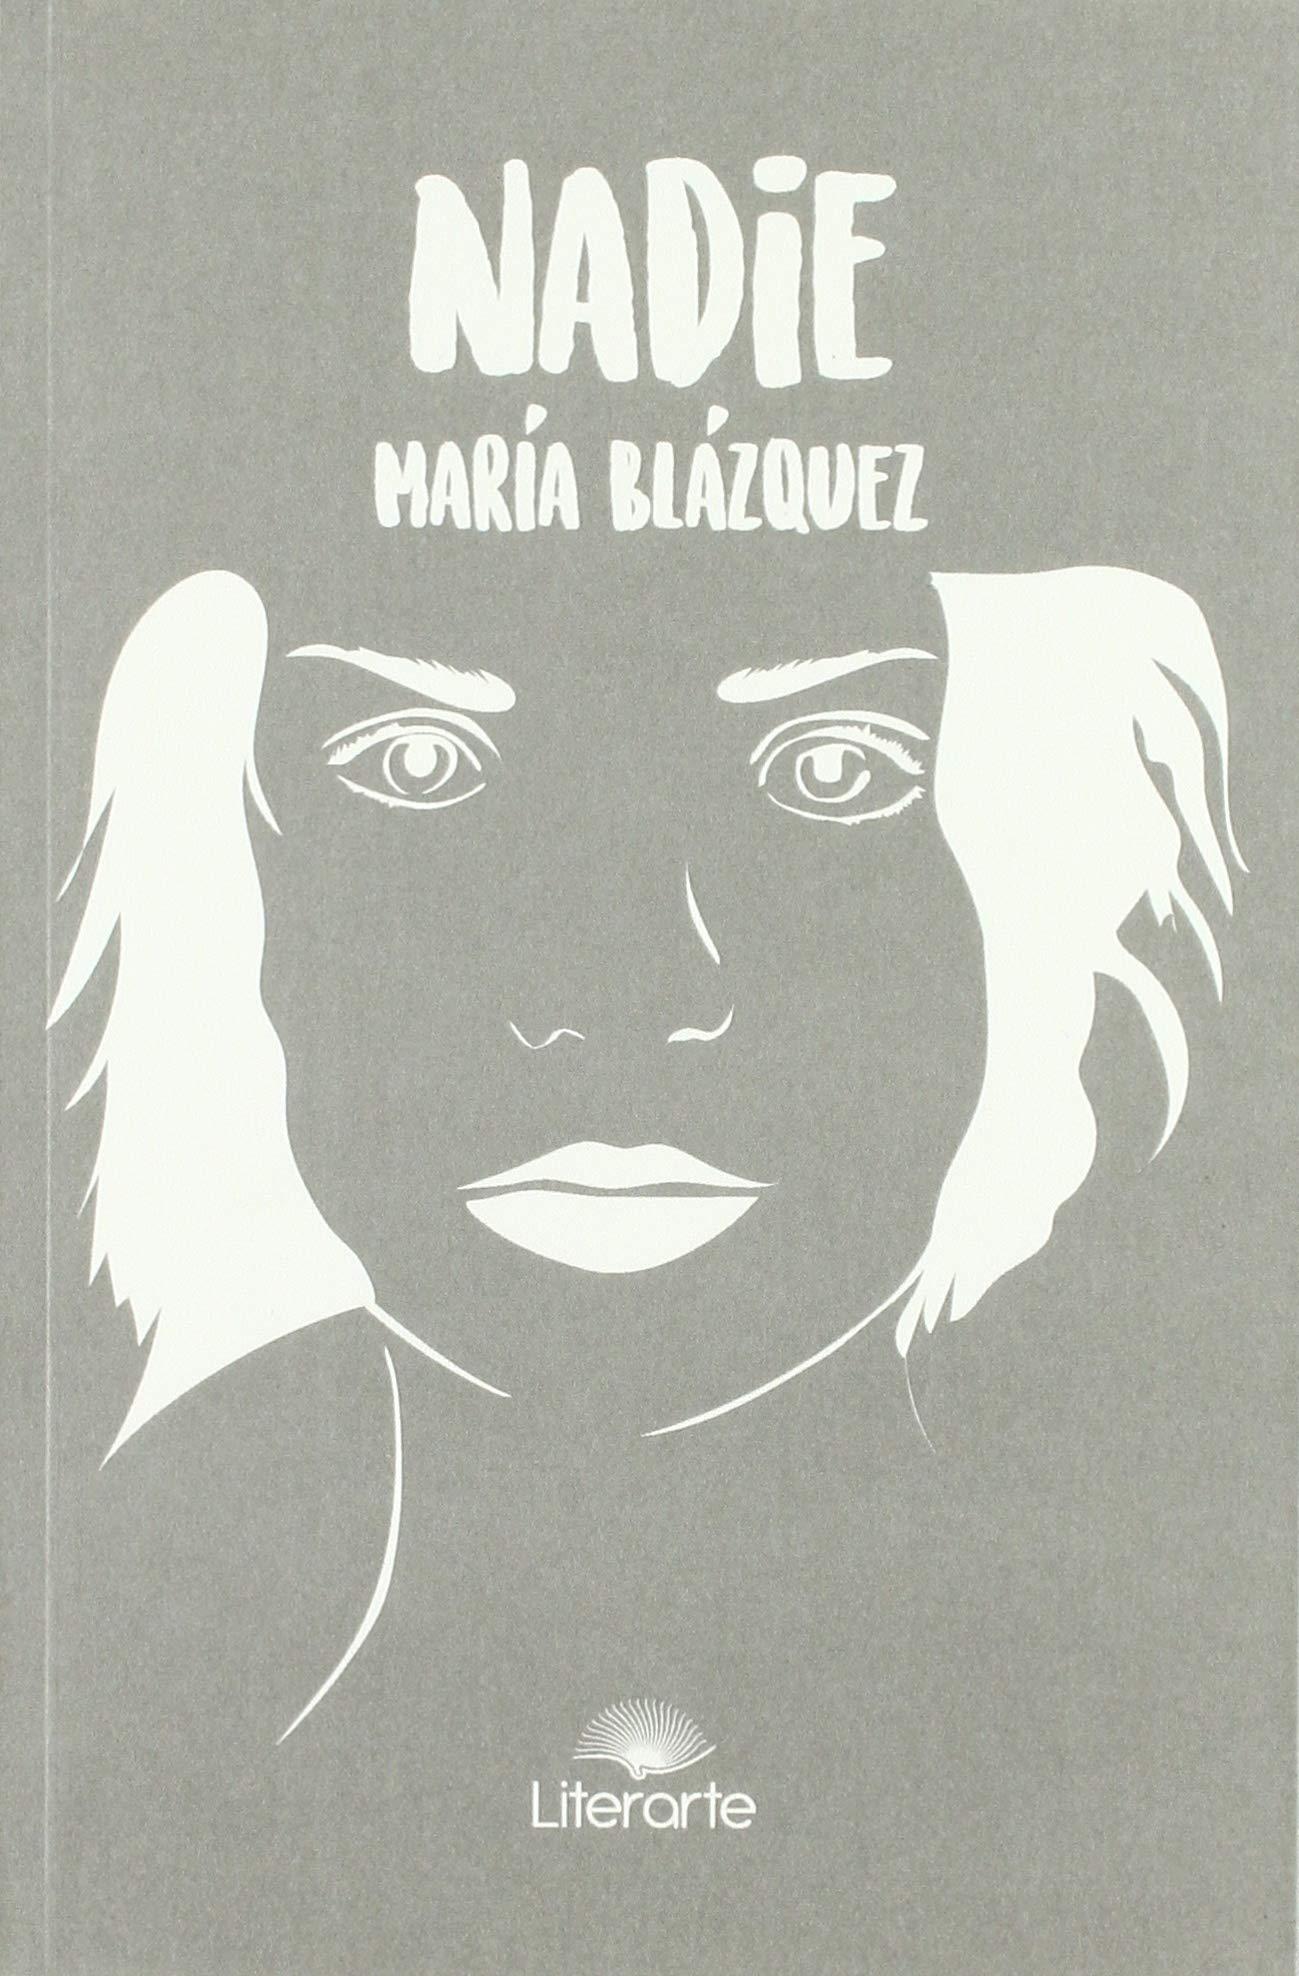 Reseña de la novela Nadie de María Blázquez